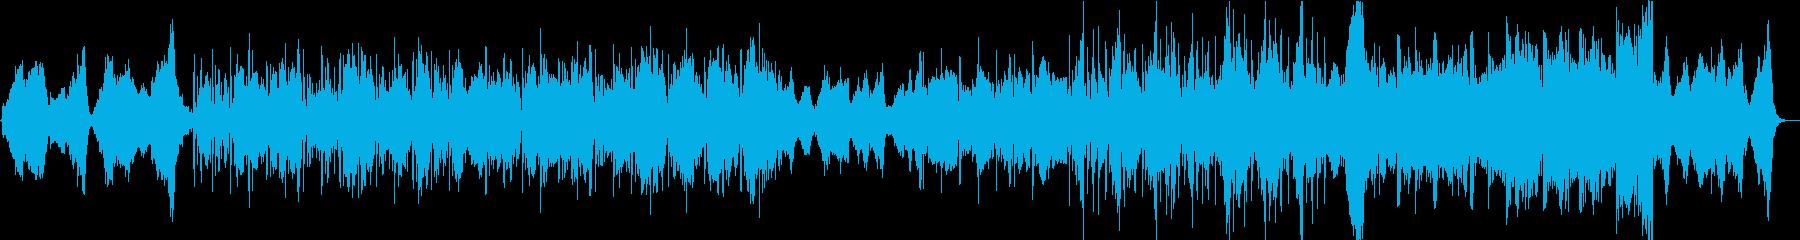 アニメ】サイバー感あるクールなストリングの再生済みの波形